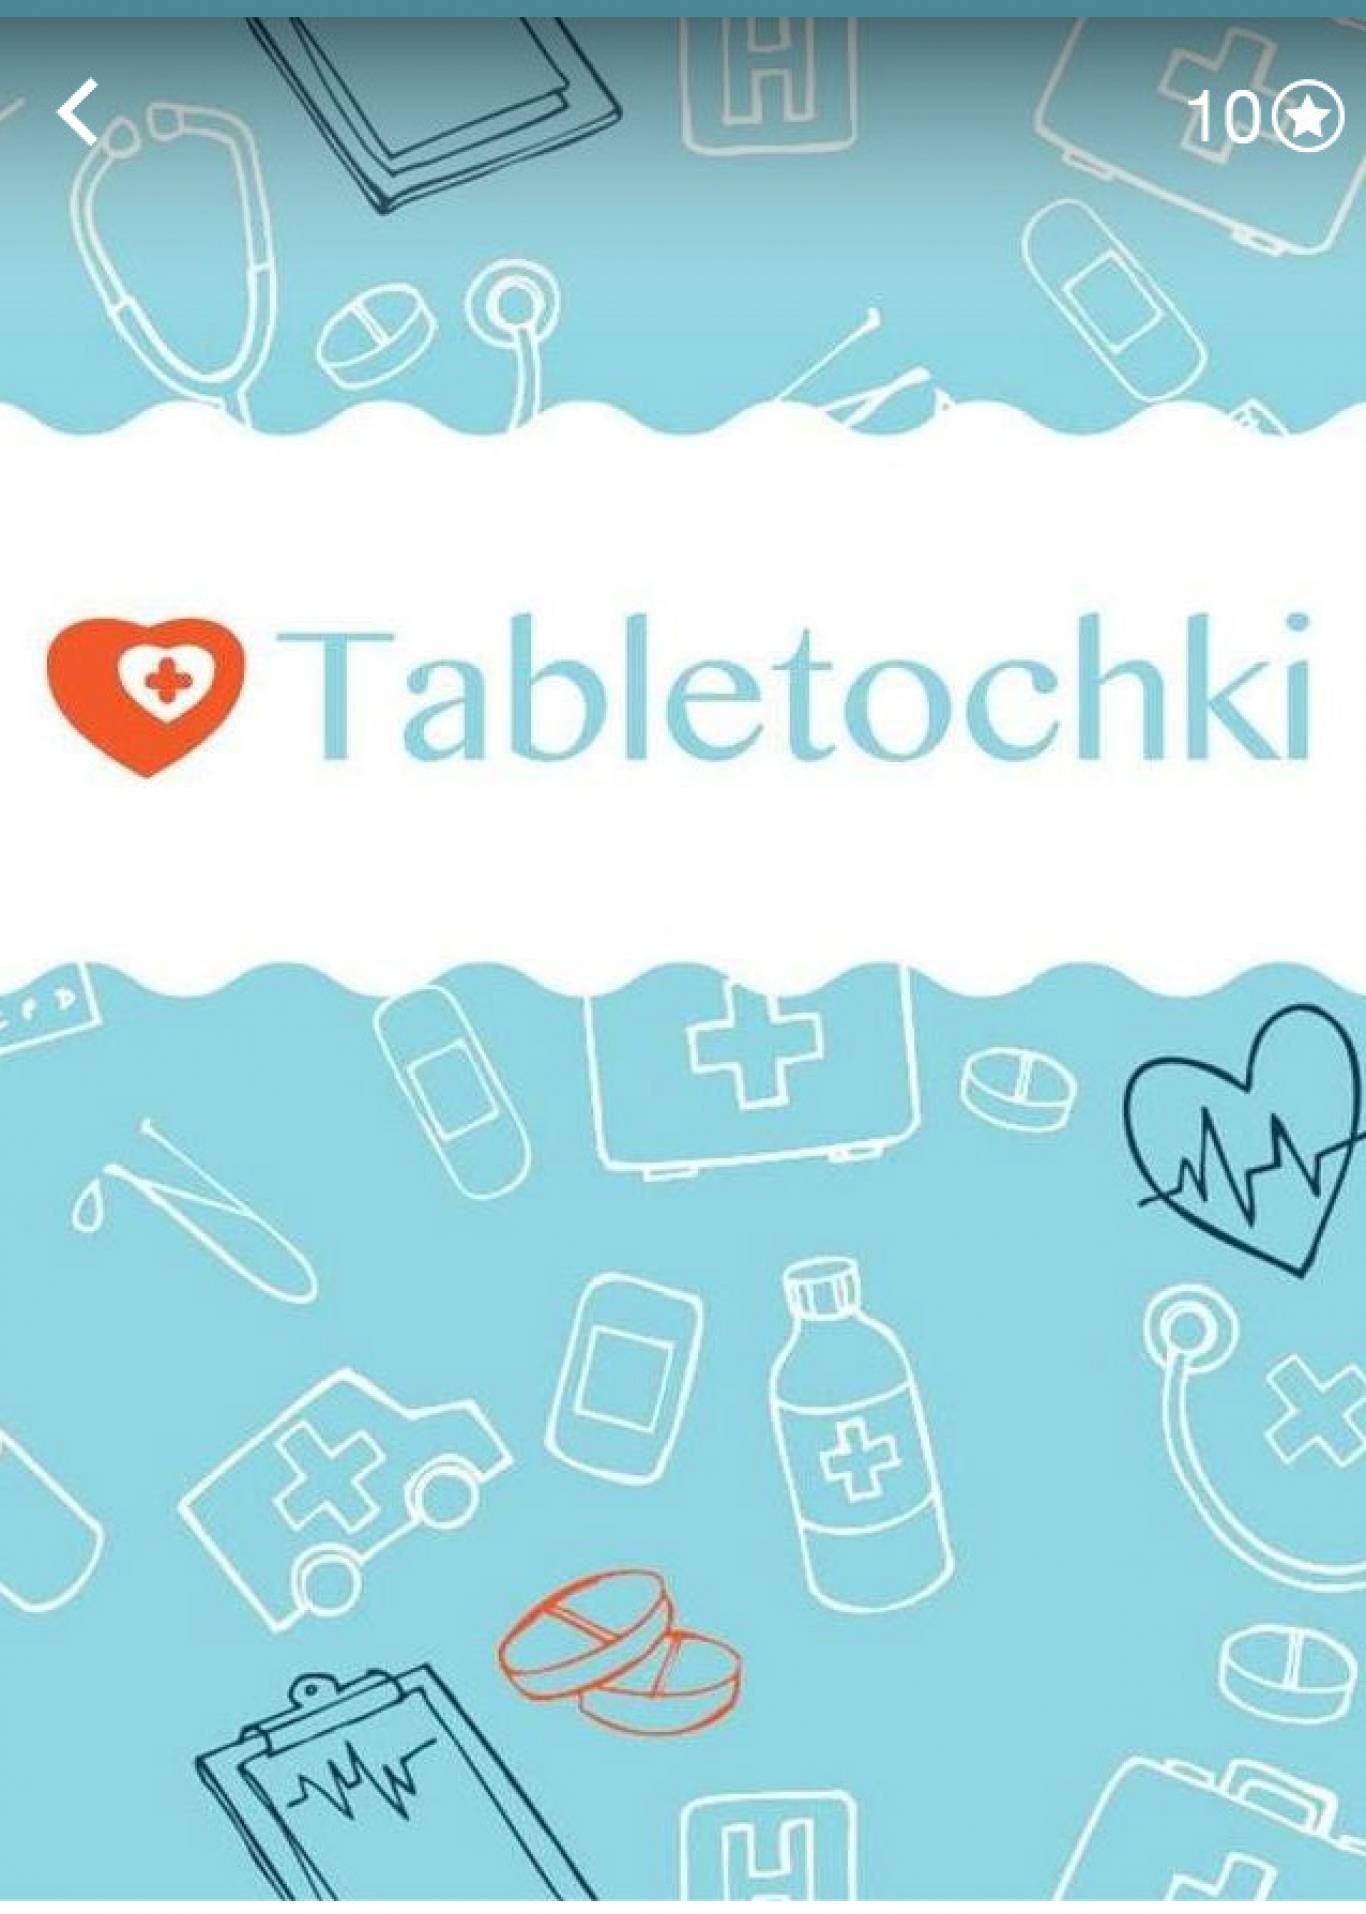 Благодійний флешмоб «Добрябрь»: збір коштів для придбання медикаментів онкохворим дітям